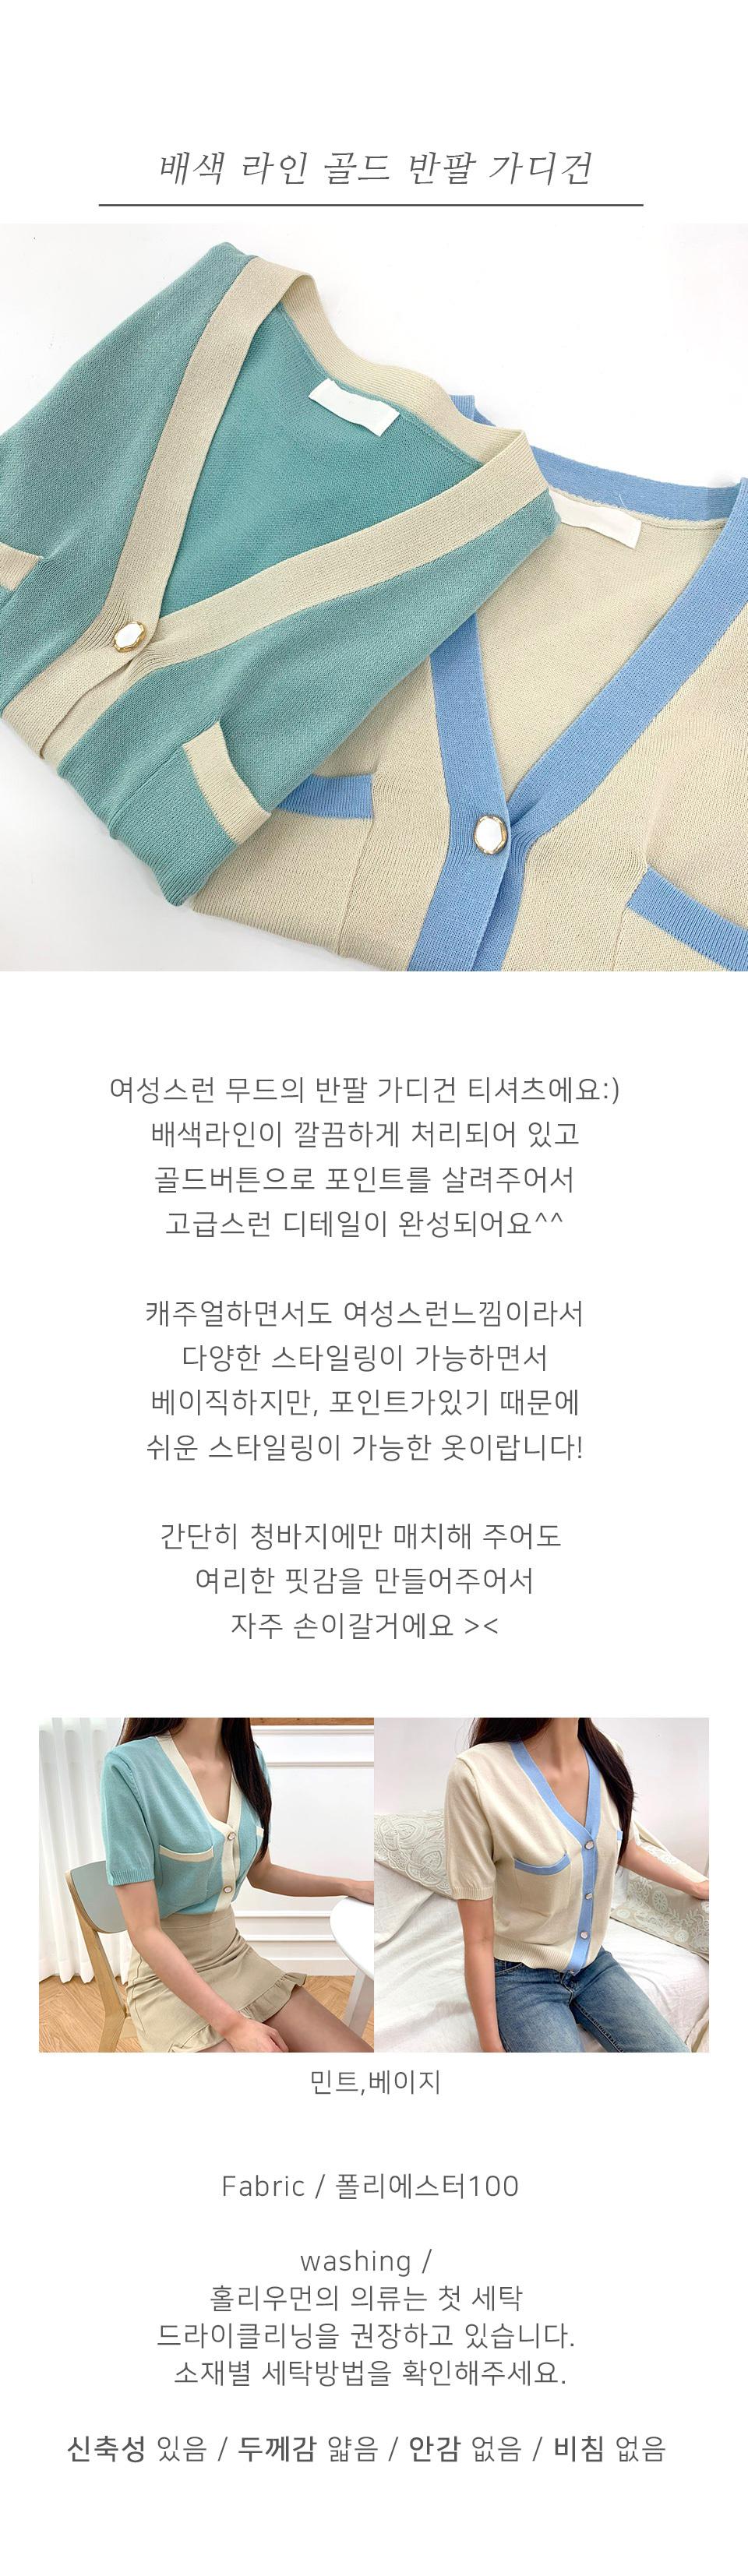 홀리 여성 배색 라인 골드 반팔 가디건 - 홀리우먼, 22,900원, 상의, 반팔티셔츠